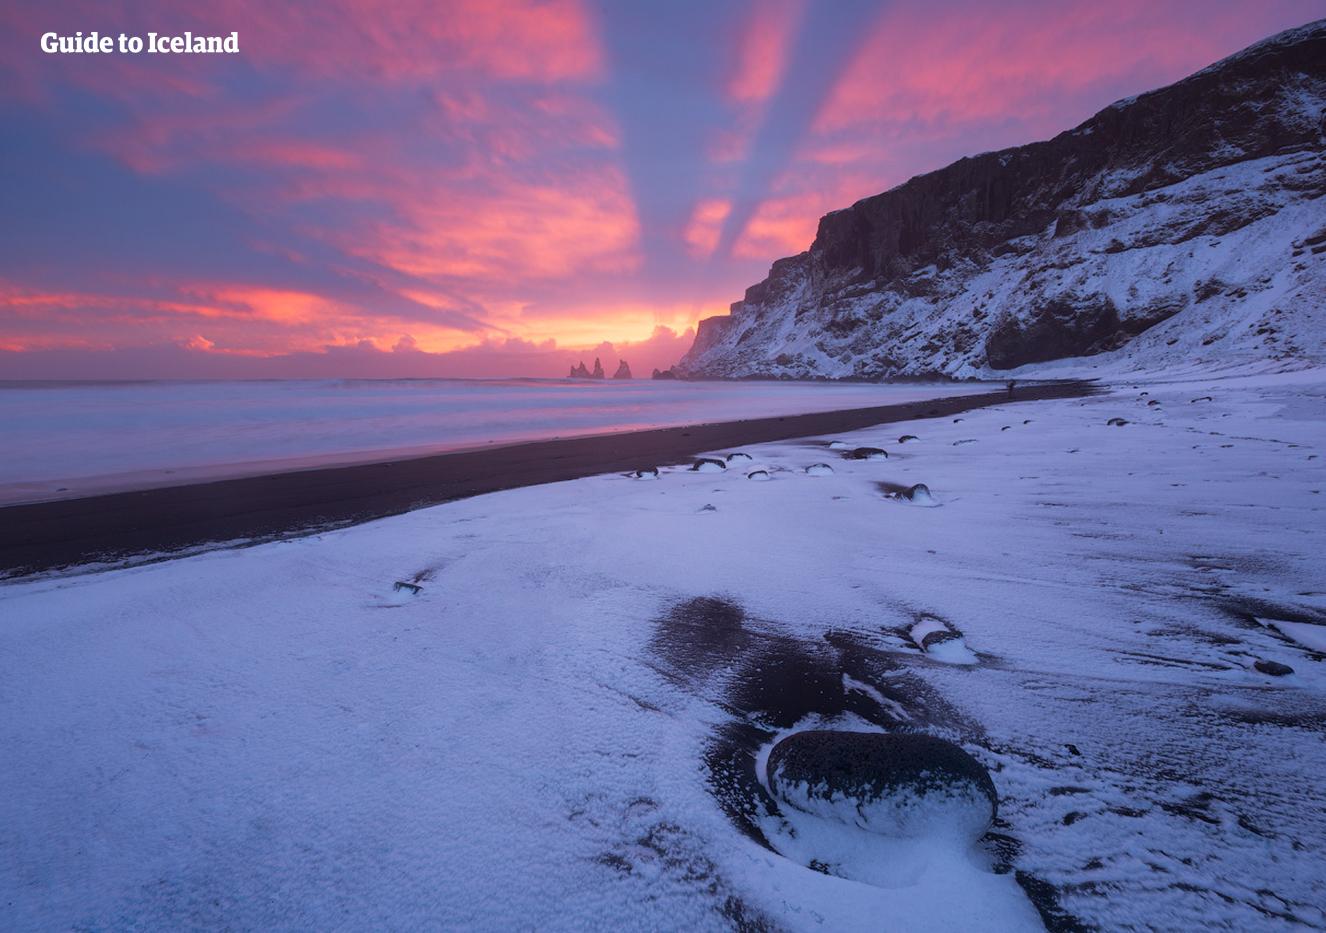 La côte sud est belle à conduire en hiver, et l'endroit dans le pays où vous avez les plus longues heures de soleil.